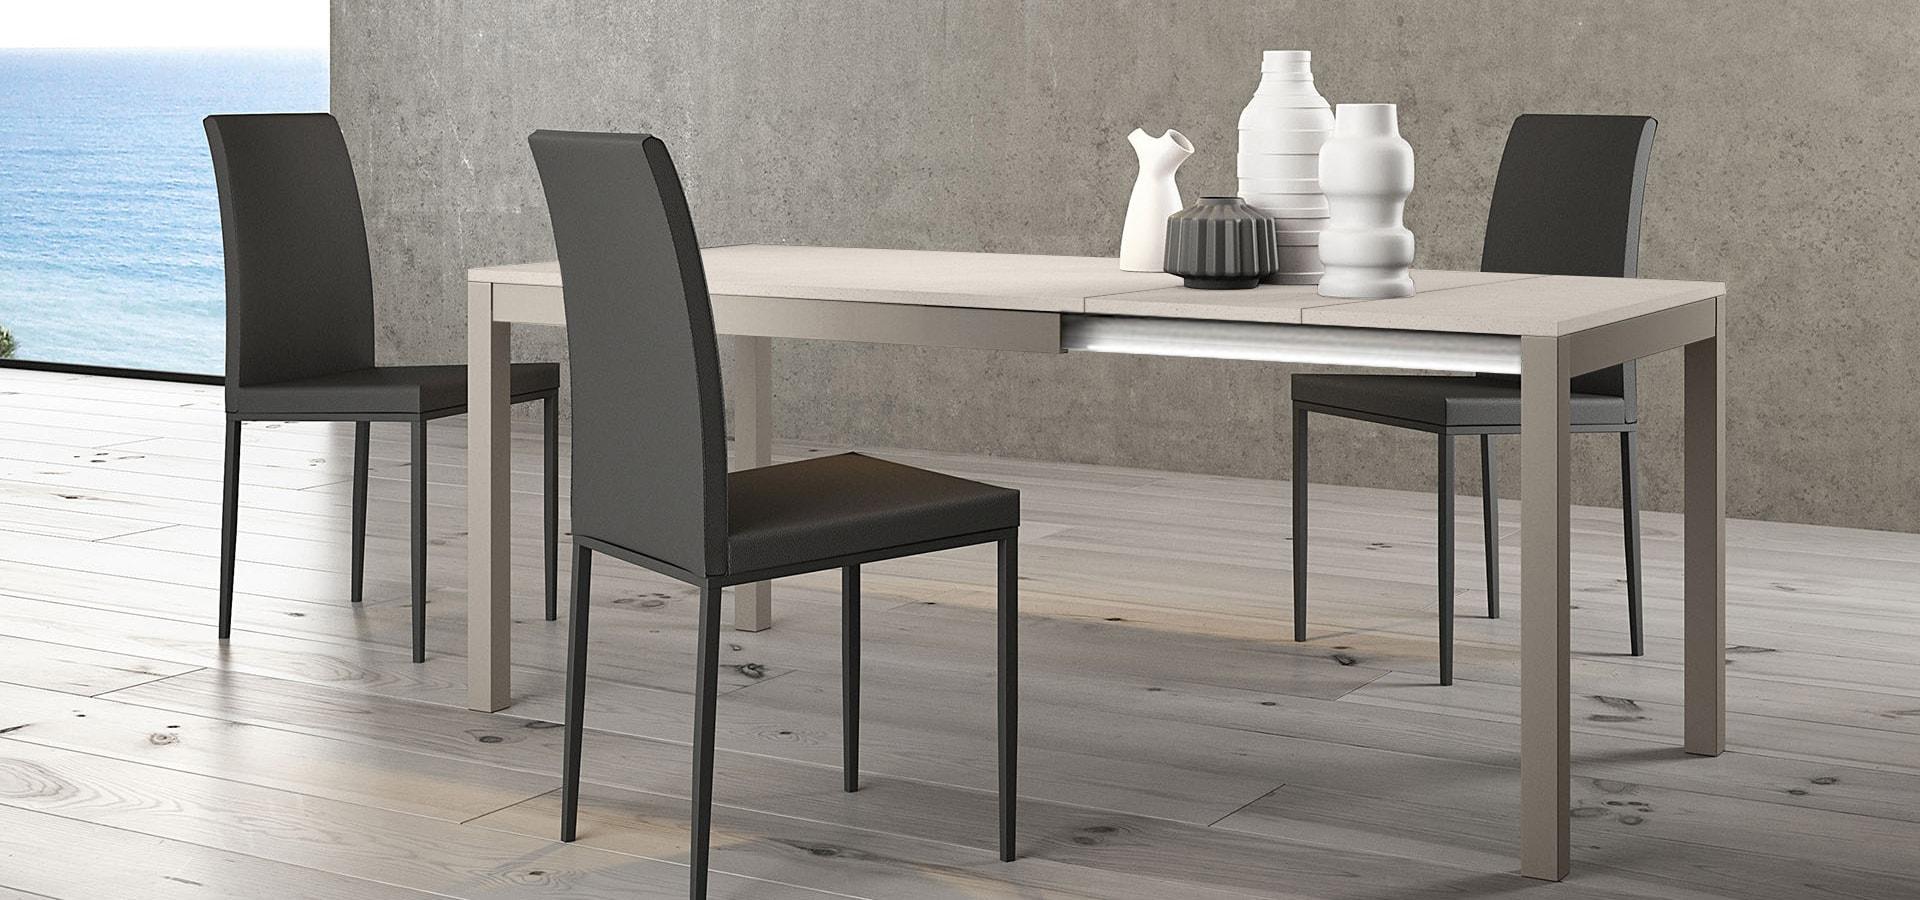 Итальянский стол MATRIX tavolo | ARREDO3